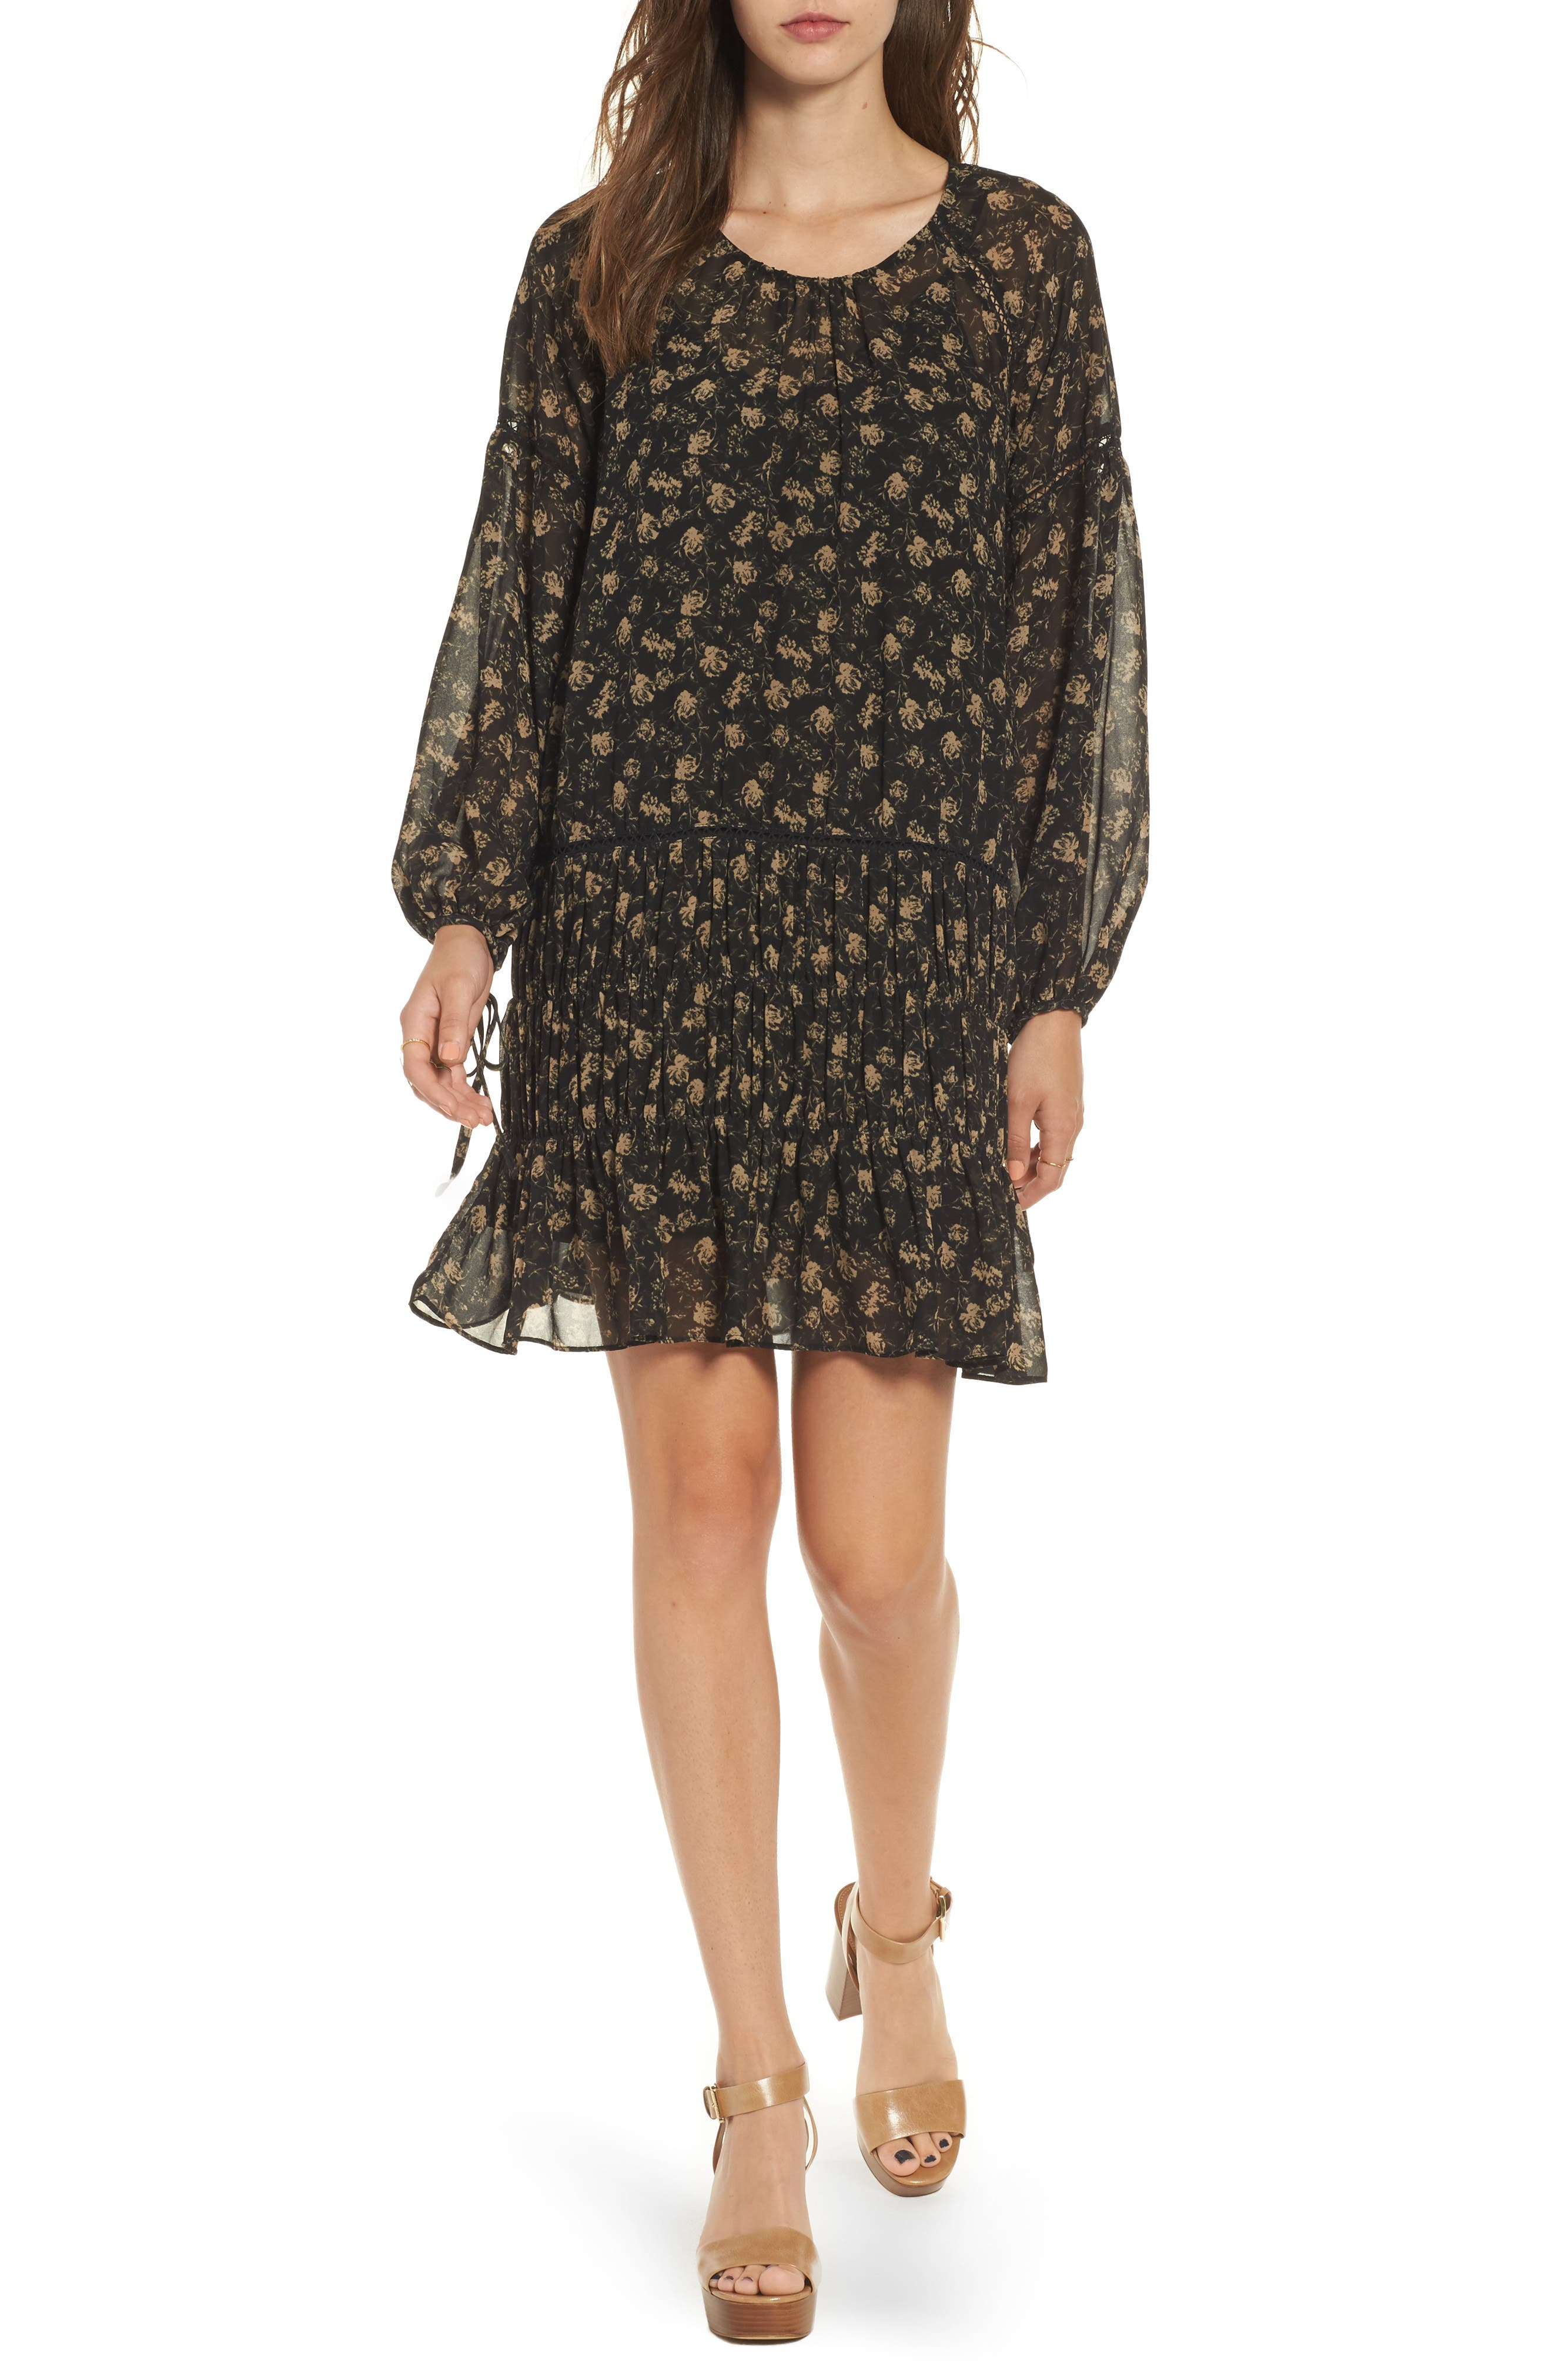 Alternate Image 1 Selected - ASTR the Label Daria Dress